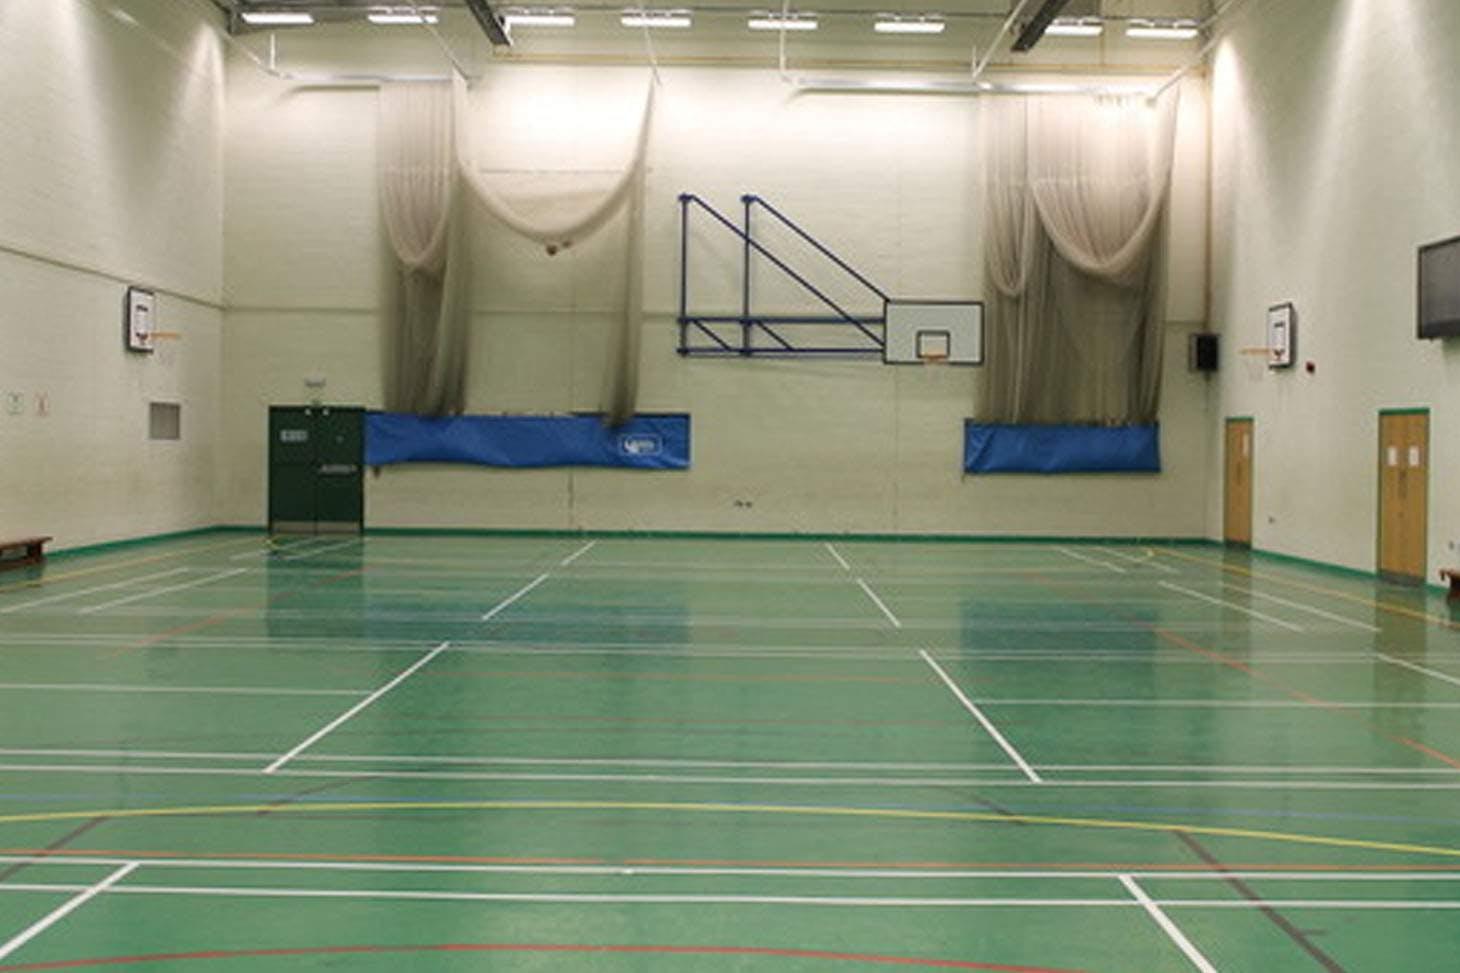 Tudor Grange Academy Solihull Indoor badminton court